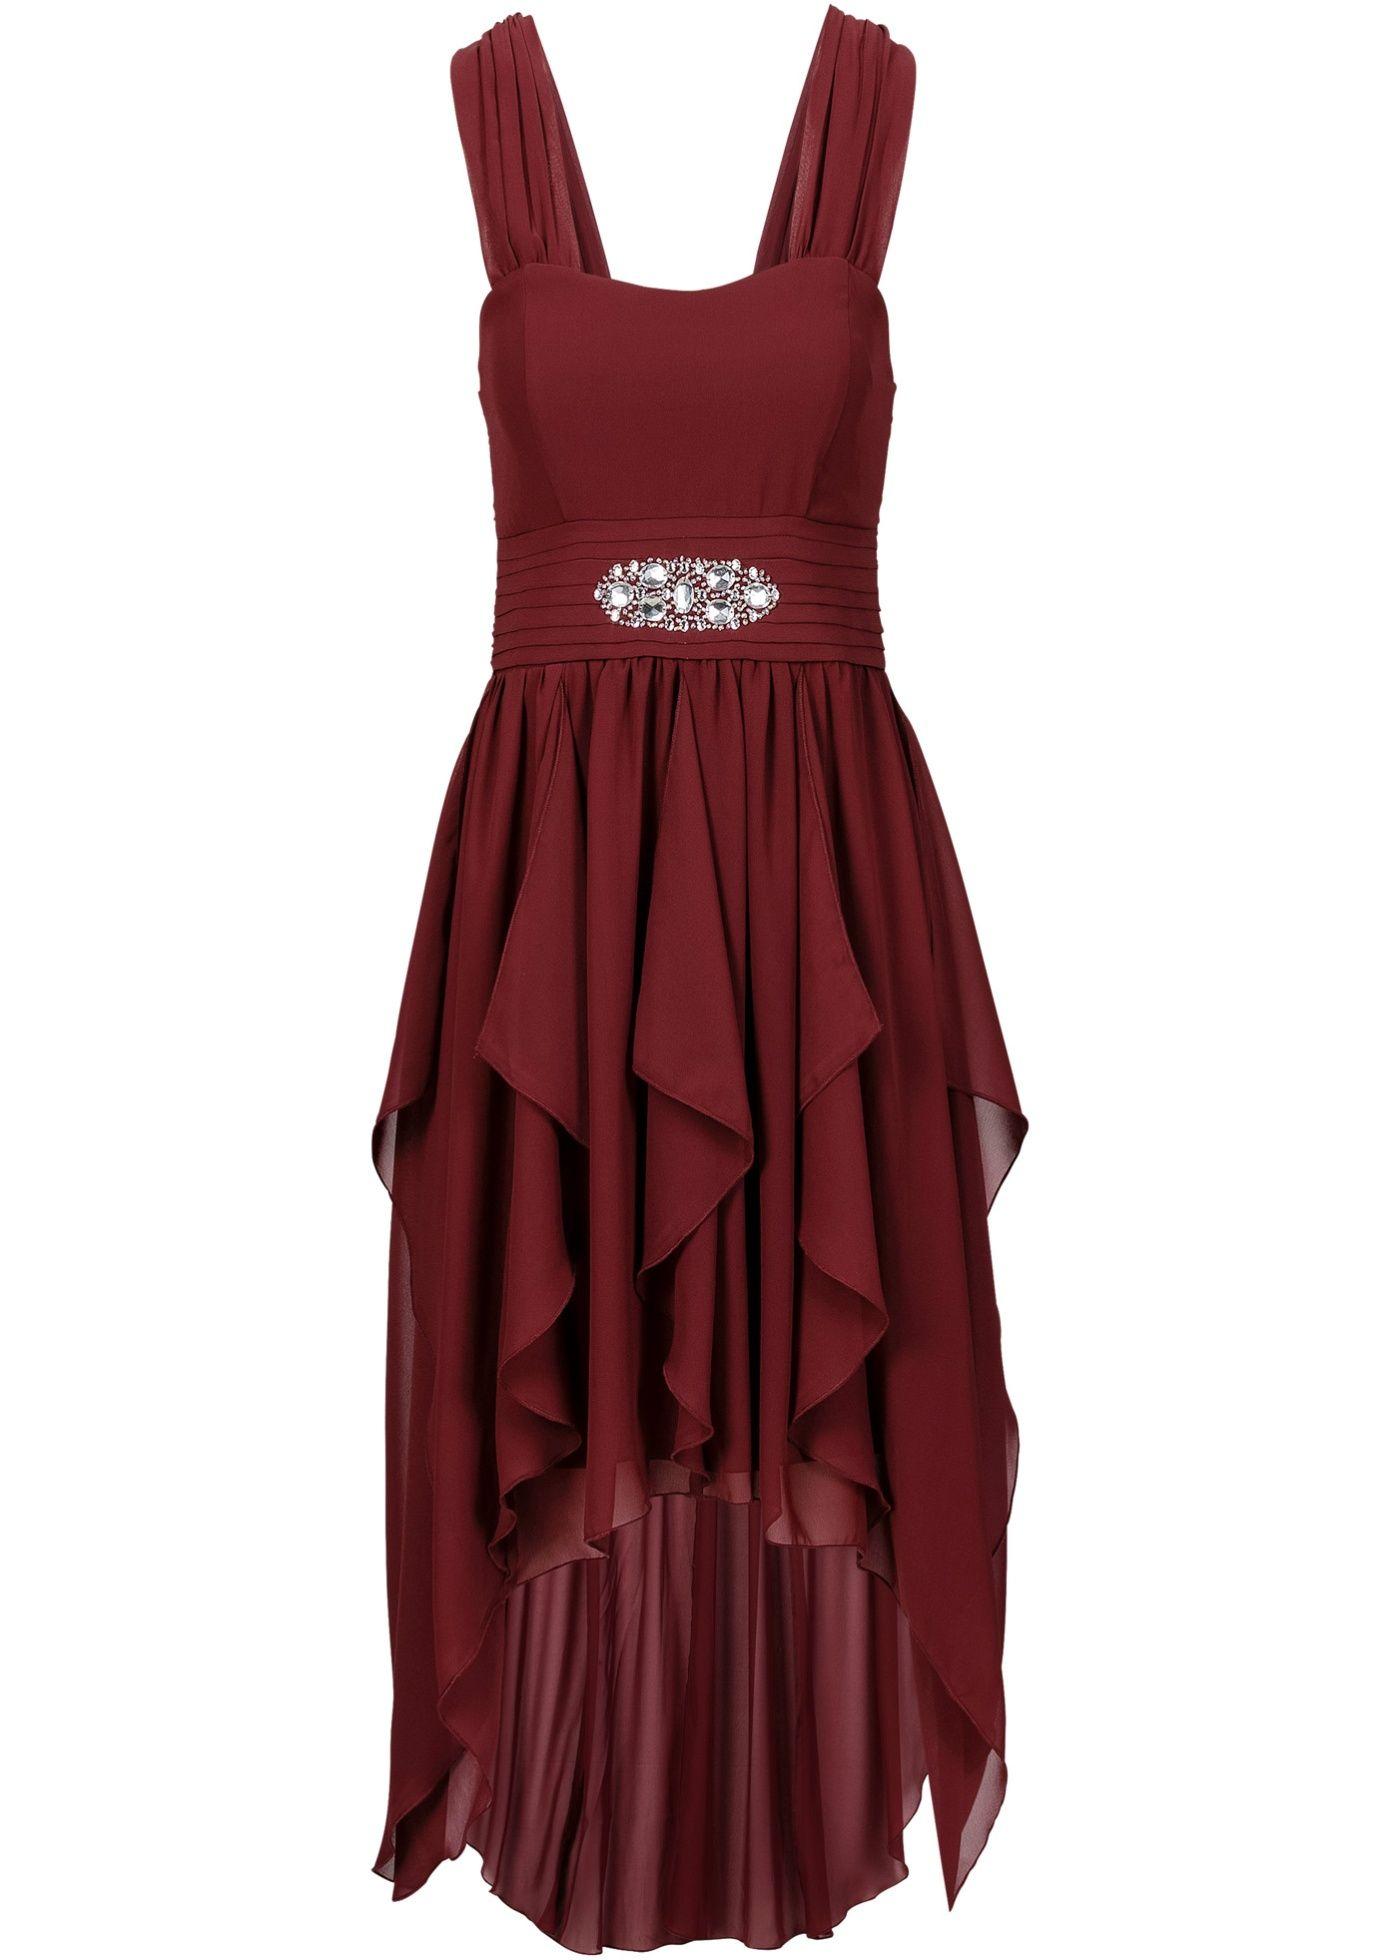 Geschmackvolles Kleid mit Schmucksteinen - ahornrot in 17